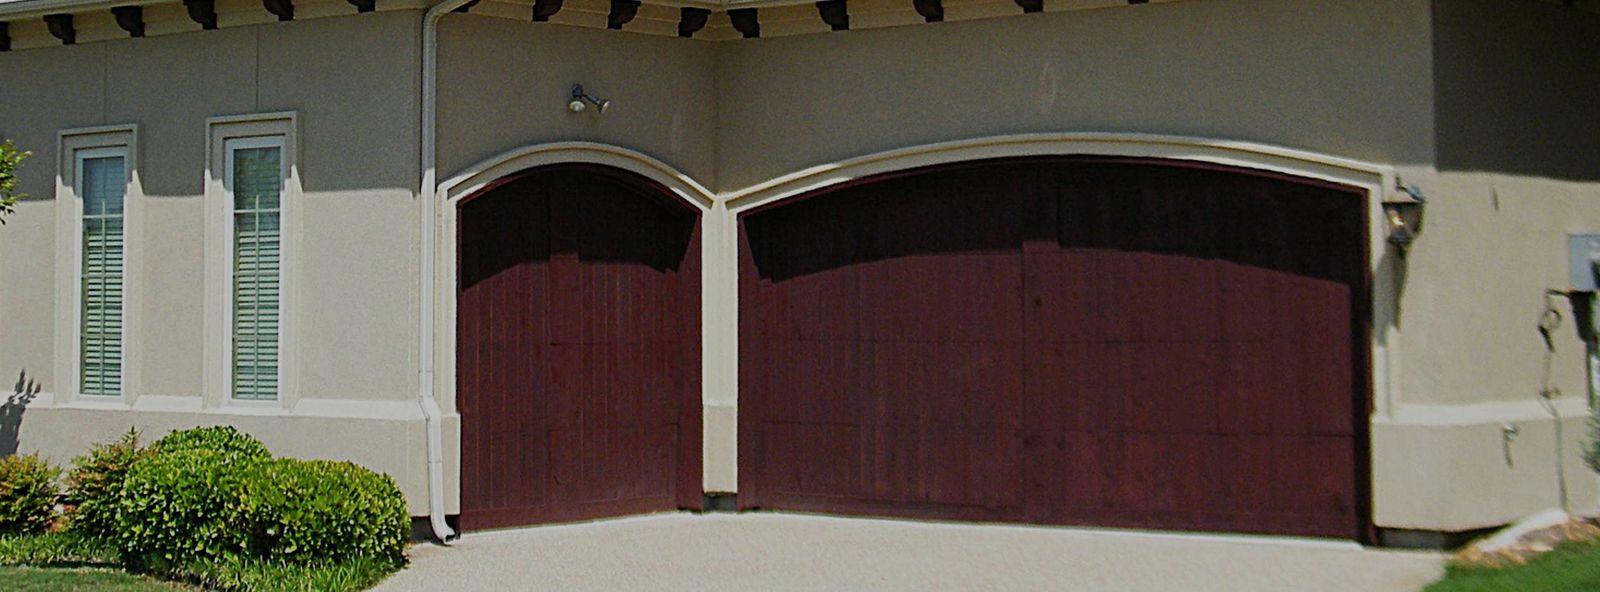 Affordable Garage Door Service Of Ocala LLC Is A Garage Door Company In  Ocala, FL. We Offer Garage Door Repair, Garage Door Replacement, And Garage  Door ...